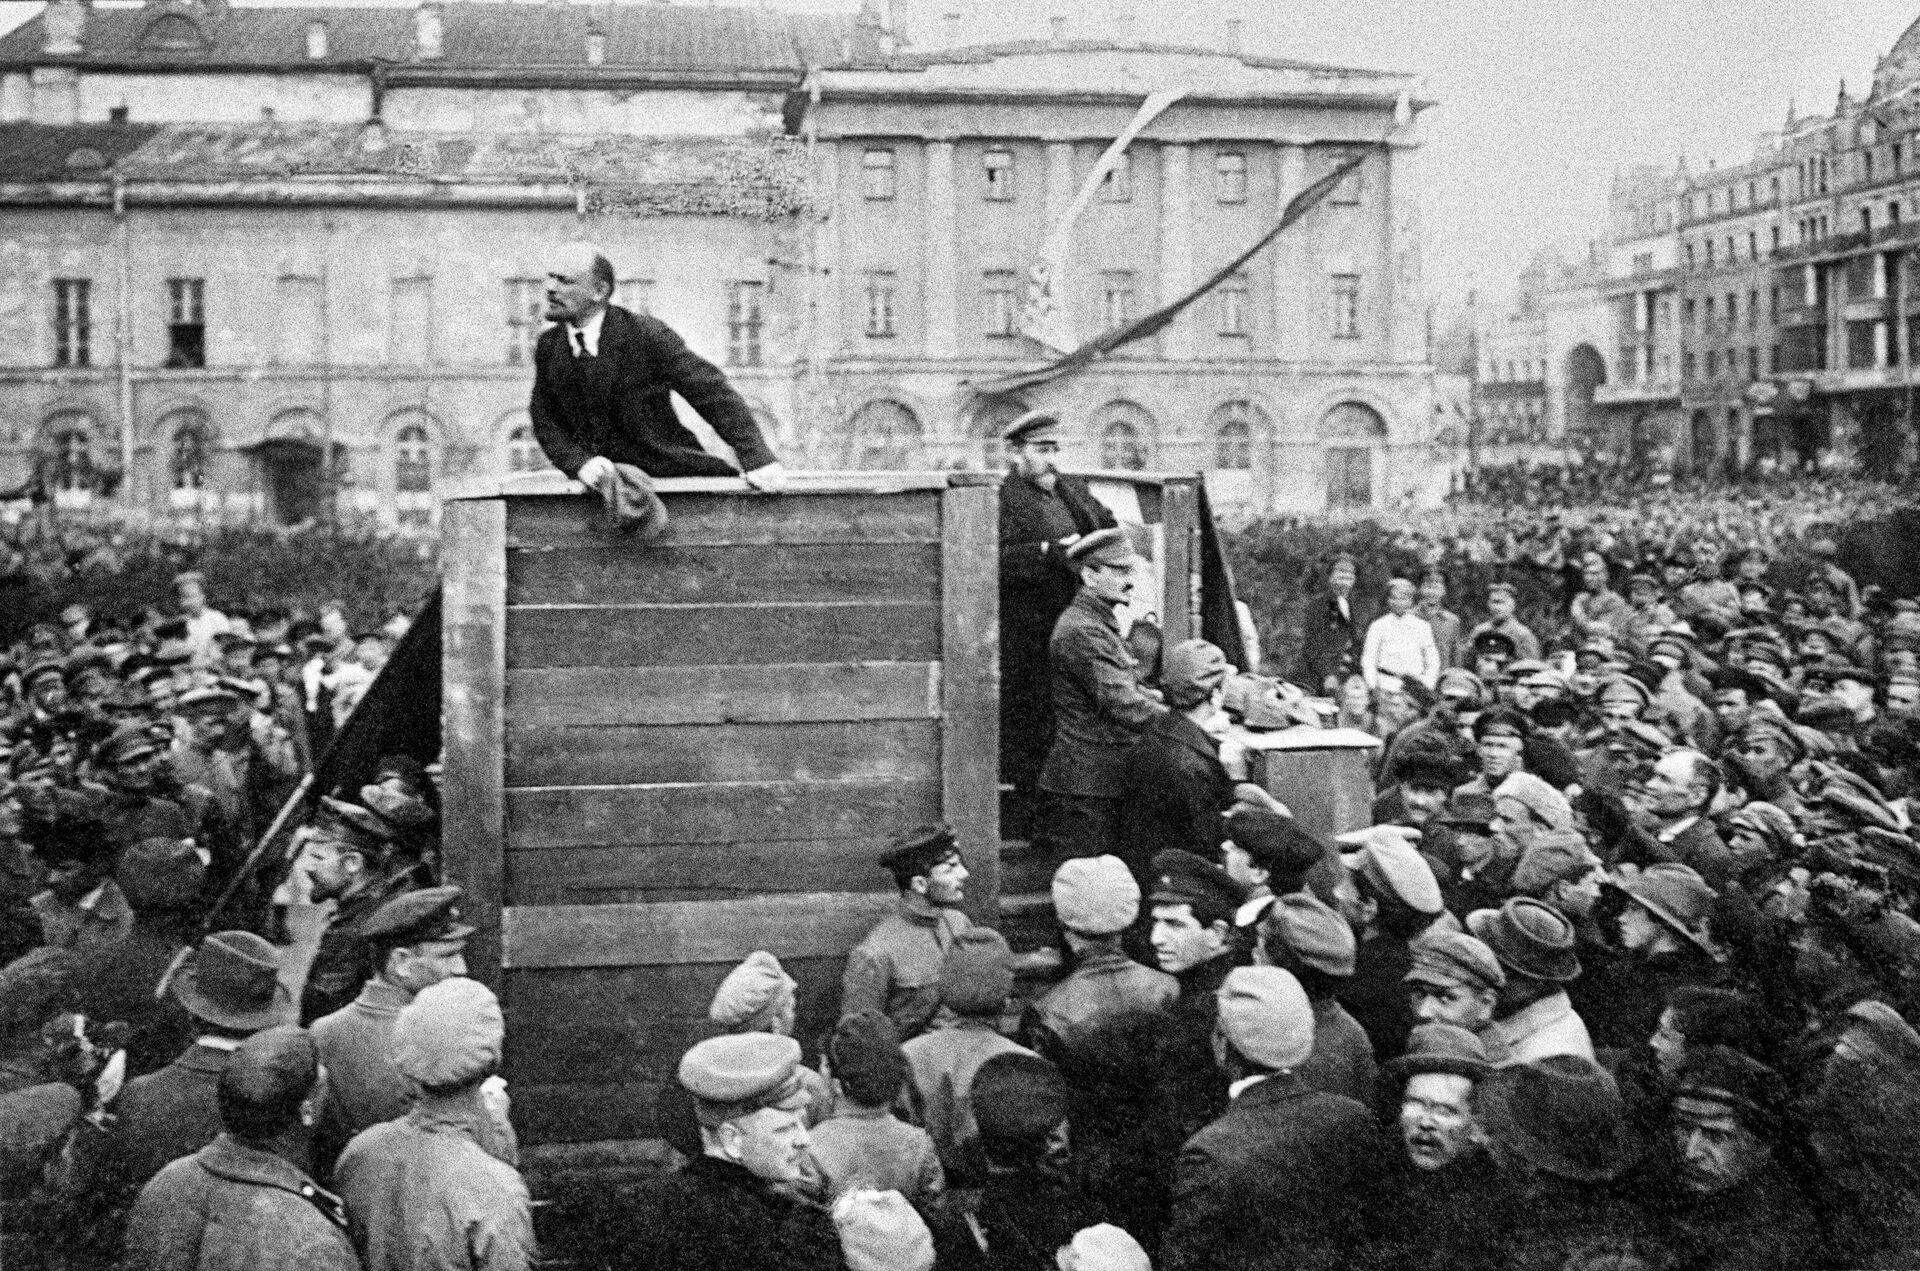 Владимир Ильич Ленин выступает с речью на площади Свердлова (Театральная площадь - РИА Новости, 1920, 19.10.2020